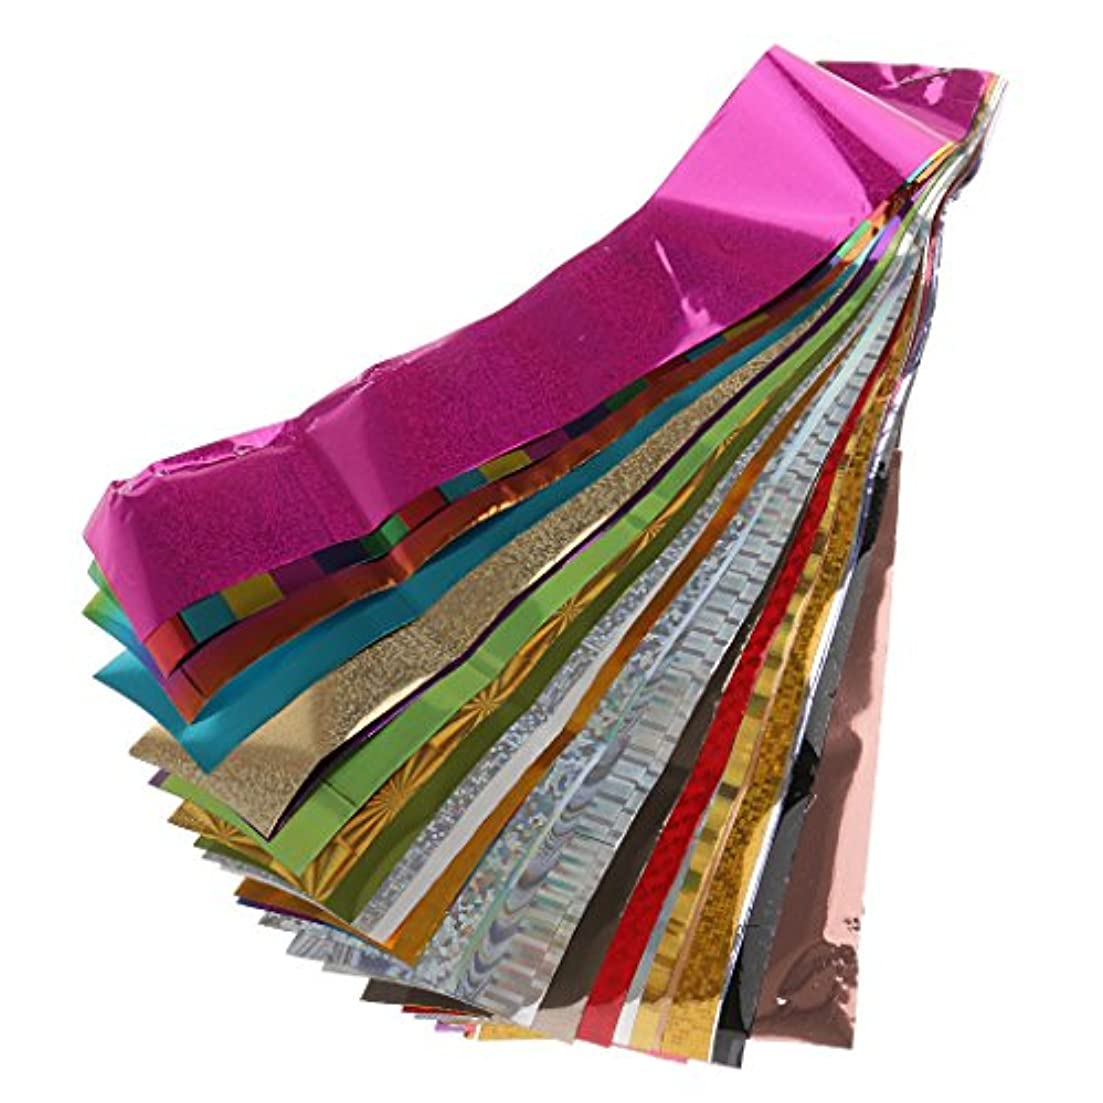 観客ファンブルネーピアPerfk 50個/セット 爪 転送箔 キラキラ ネイルアート ステッカー デカール DIY 装飾 魅力的 人気